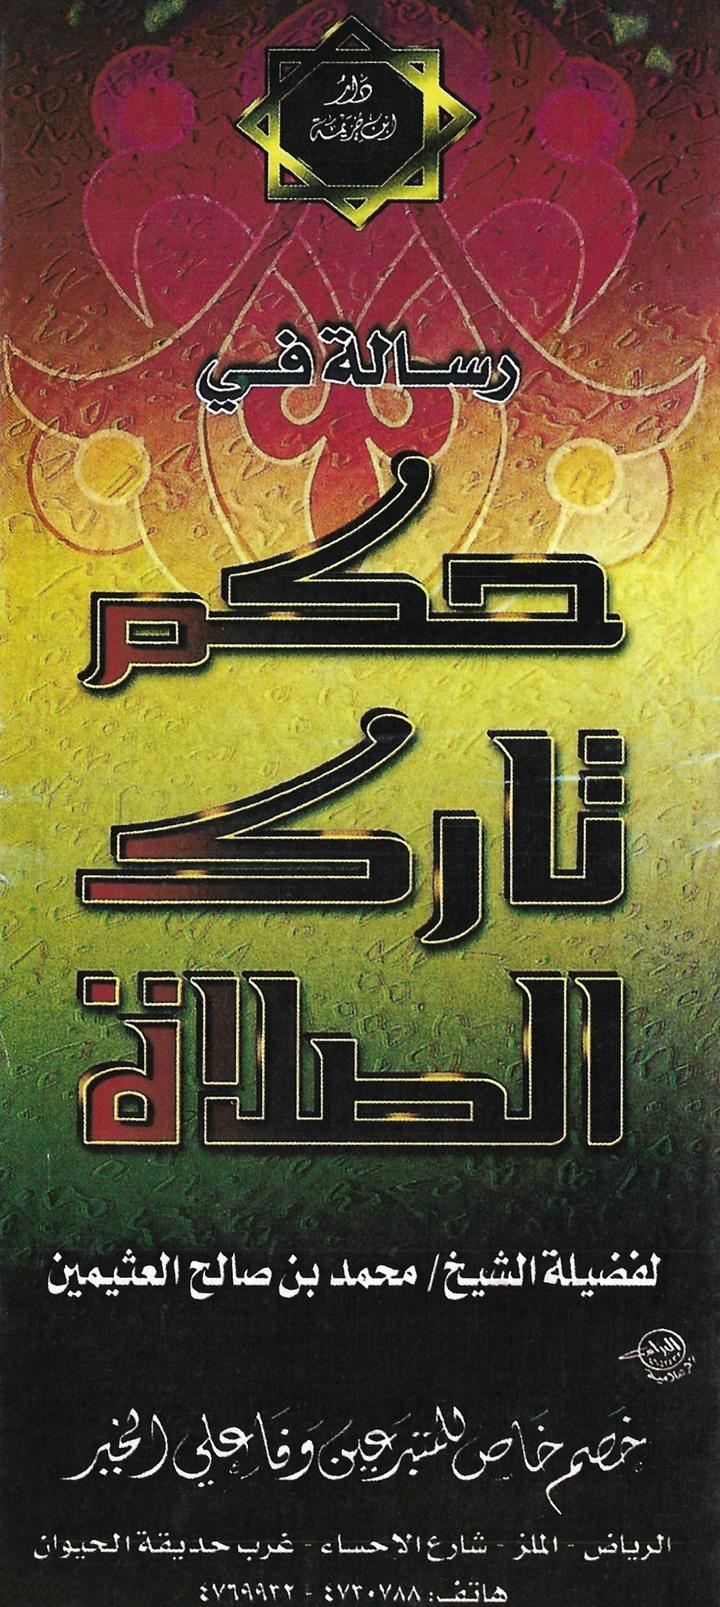 رسالة في حكم تارك الصلاة محمد بن صالح العثيمين دار ابن خزيمة المطوي ات الإسلامية